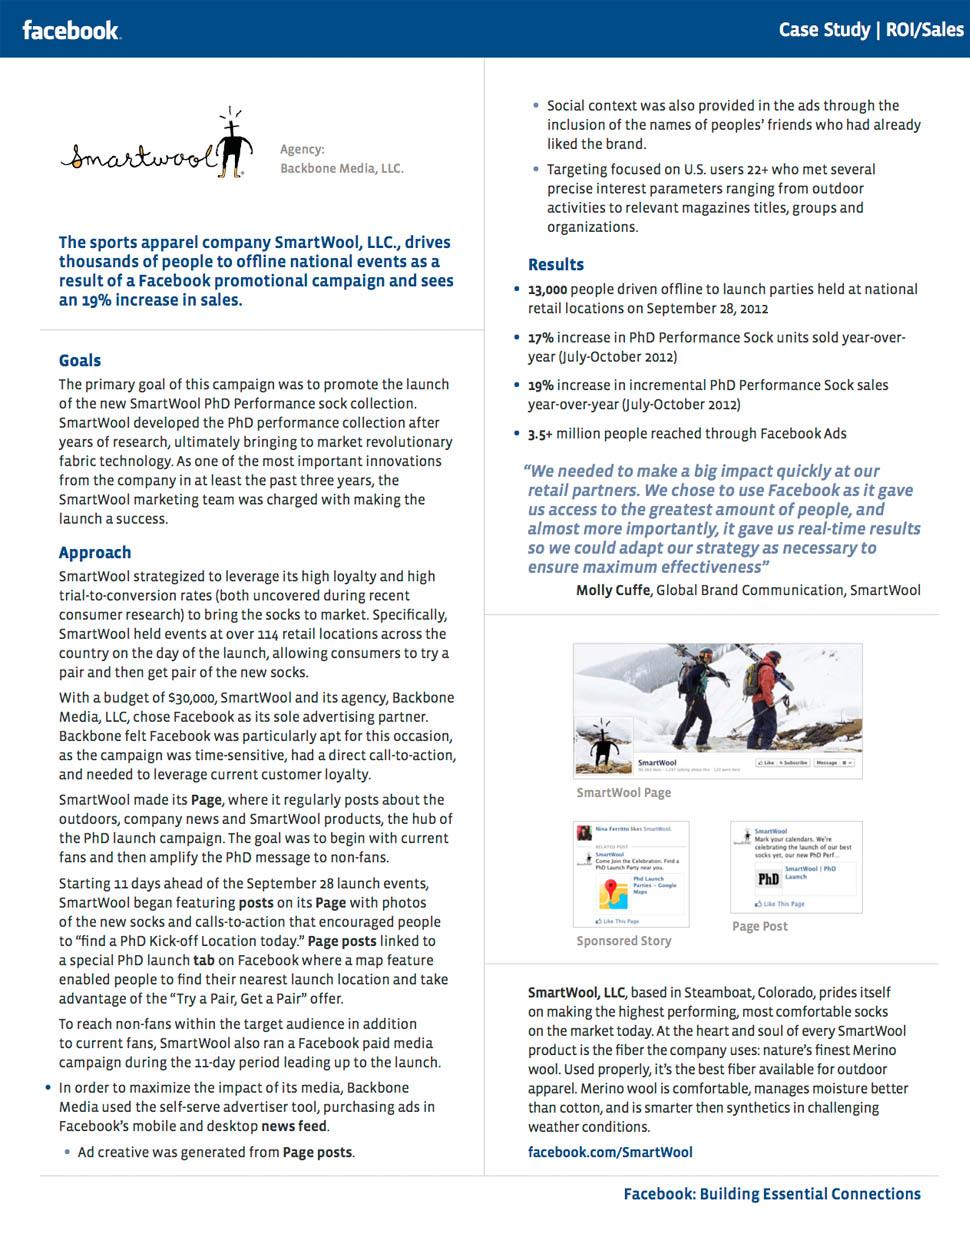 PhDV2_CaseStudy.jpg